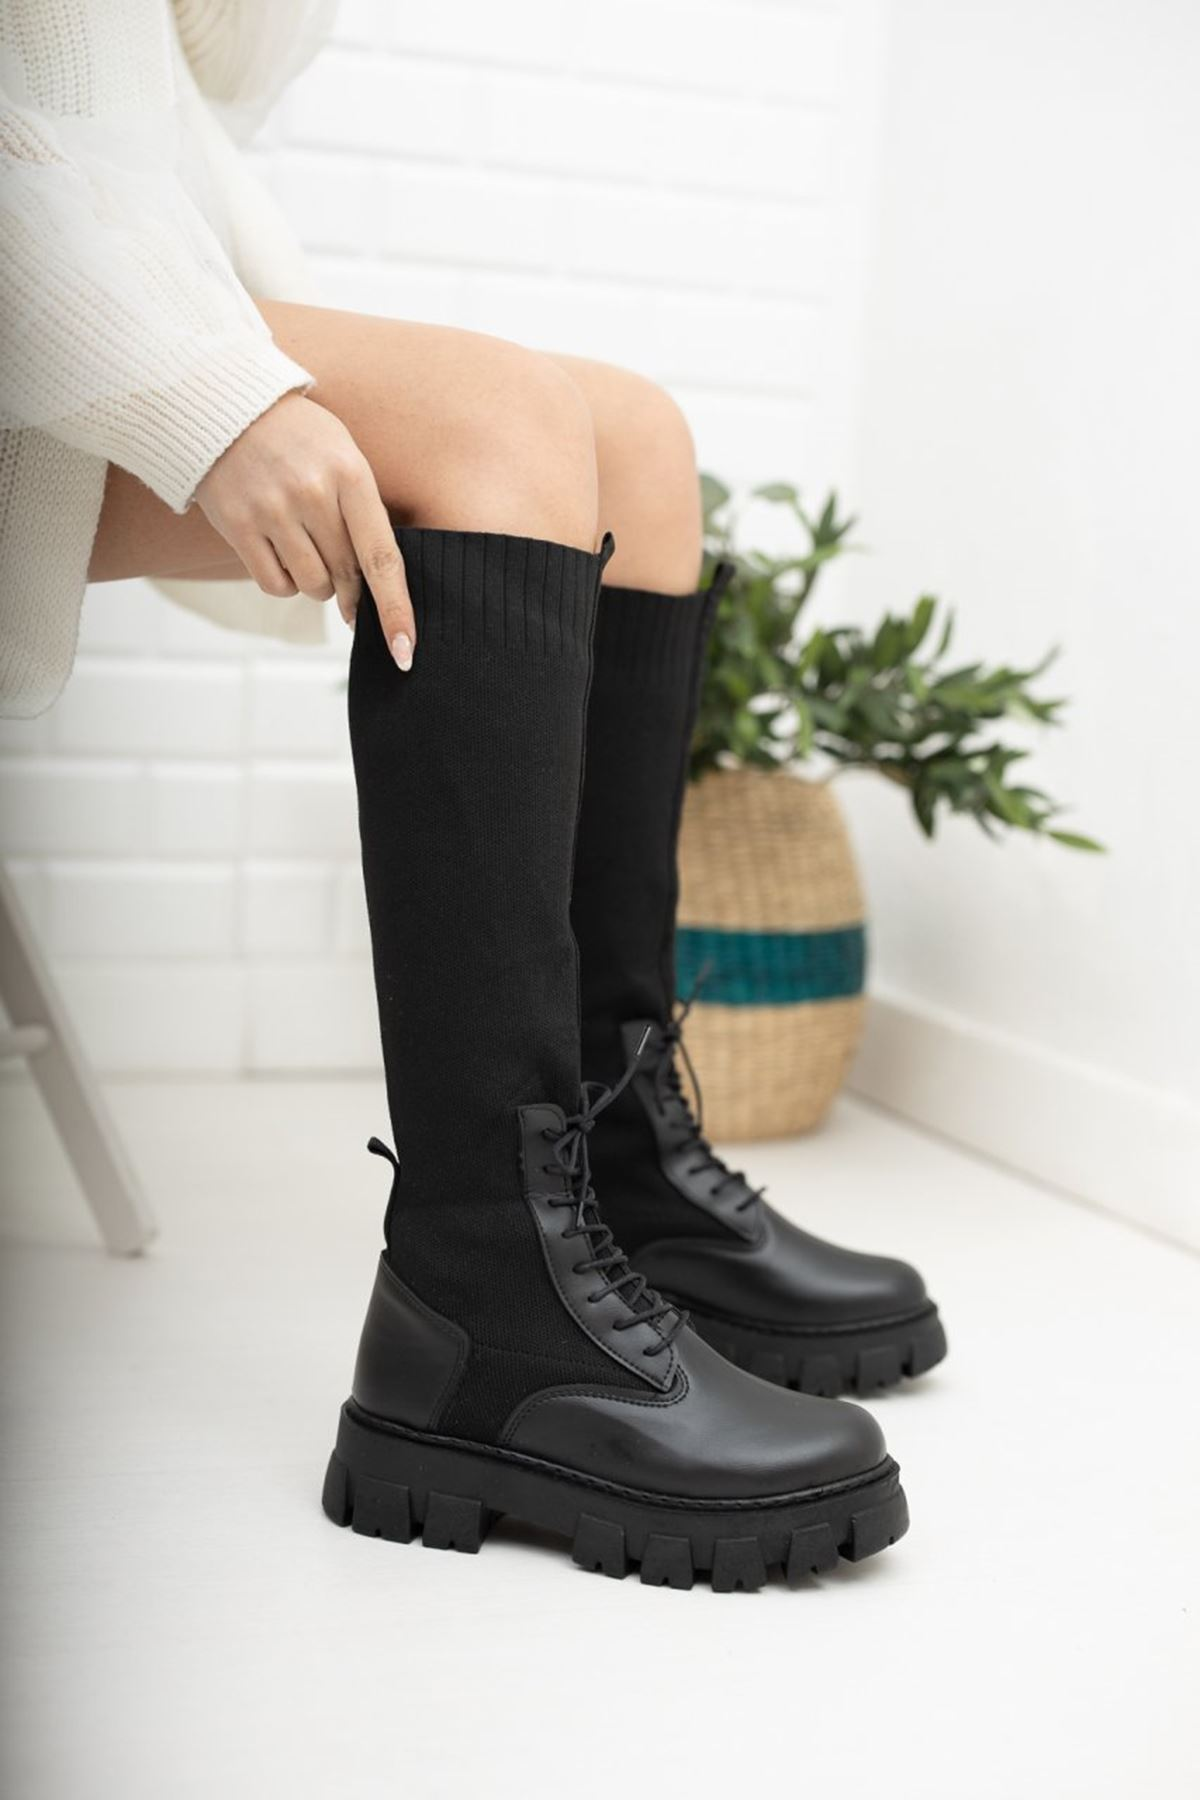 Kadın Larna Kalın Taban Triko Detay Diz Altı Mat Deri Siyah Çizme